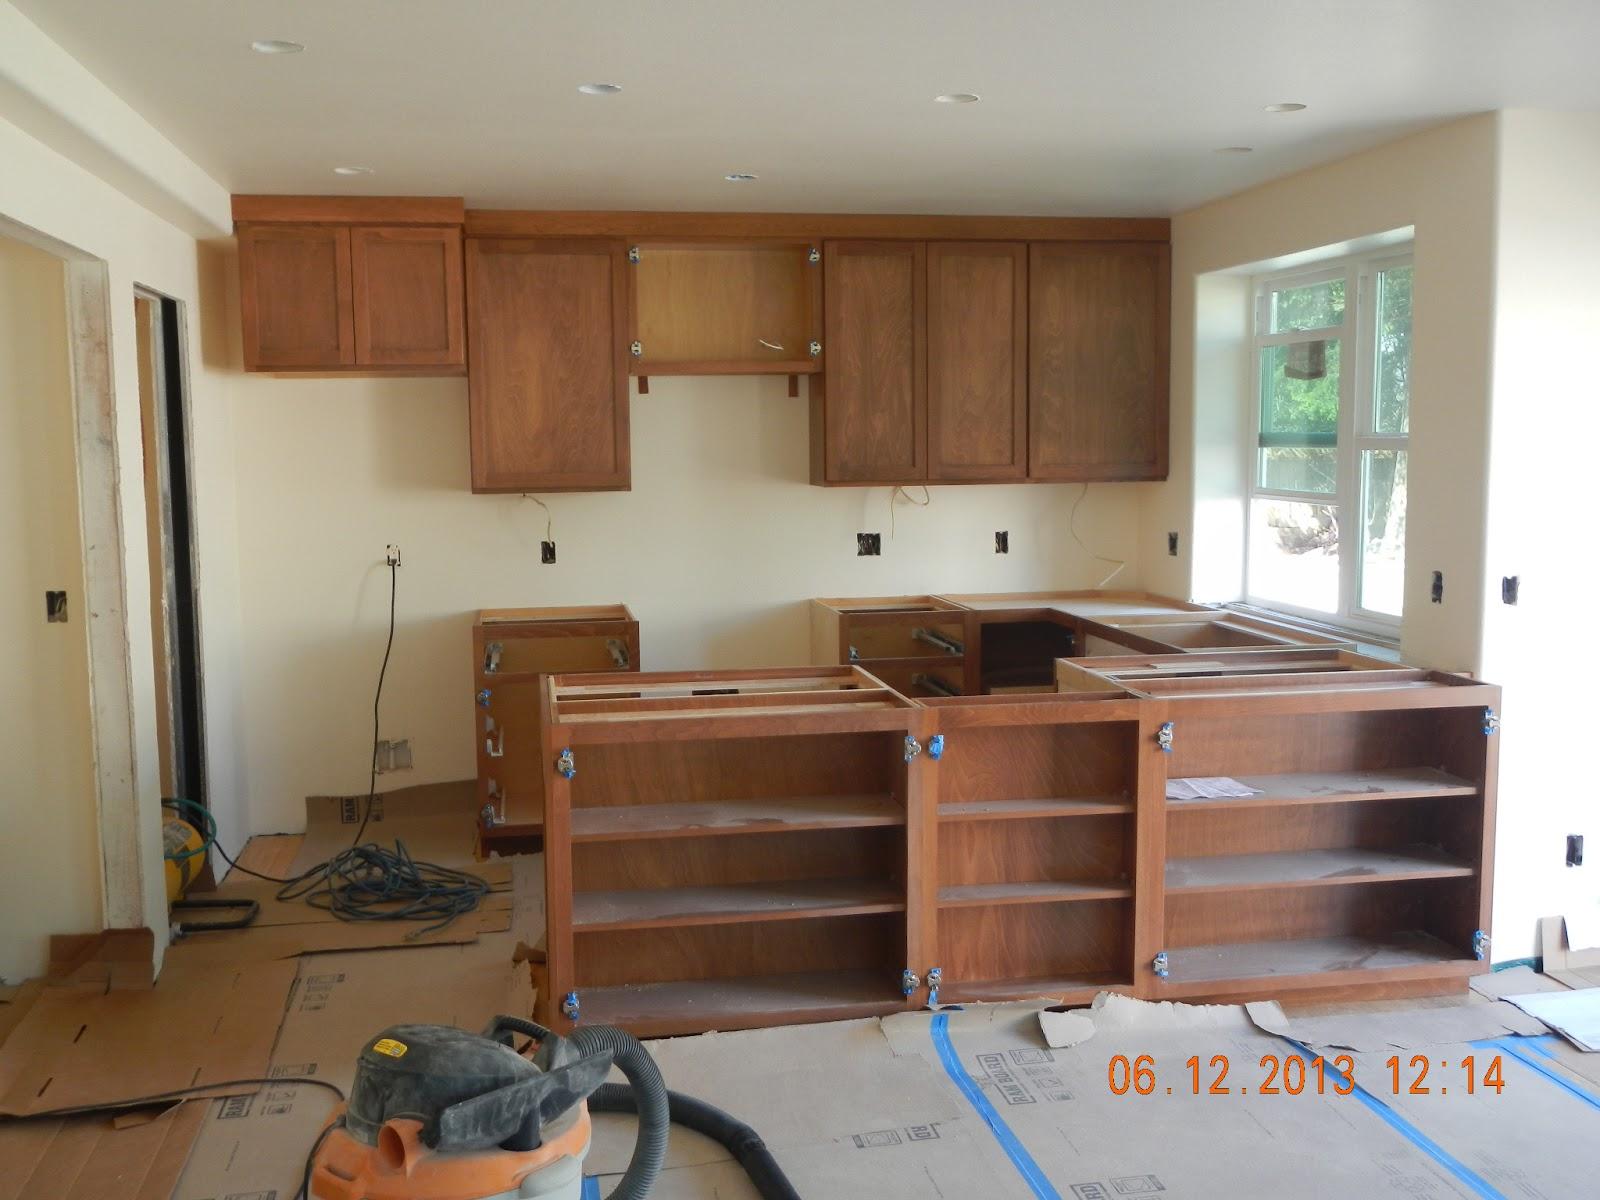 Kitchen Base CabiInstallation